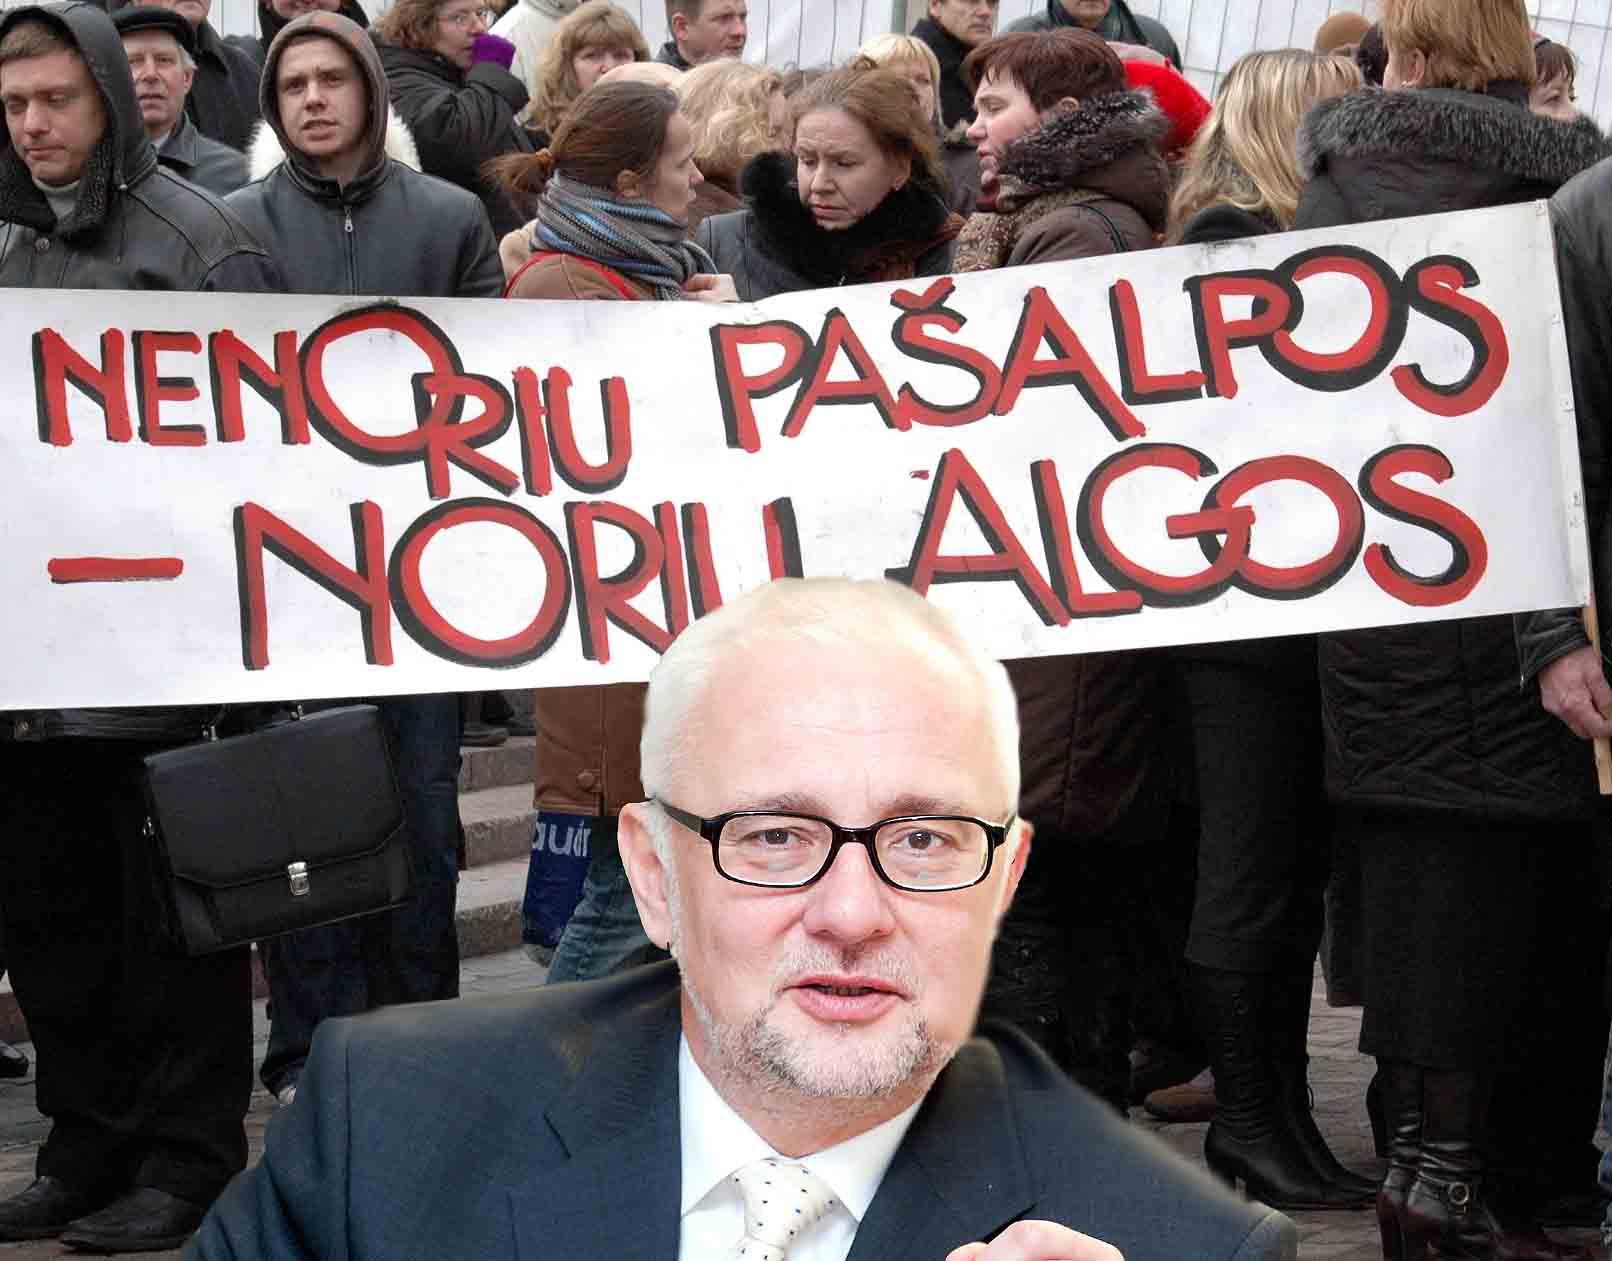 Švietimo ministras D. Pavalkis sako, kad mokytojų rengiamas streikas yra neteisėtas | Alkas.lt asociatyvi nuotrauka